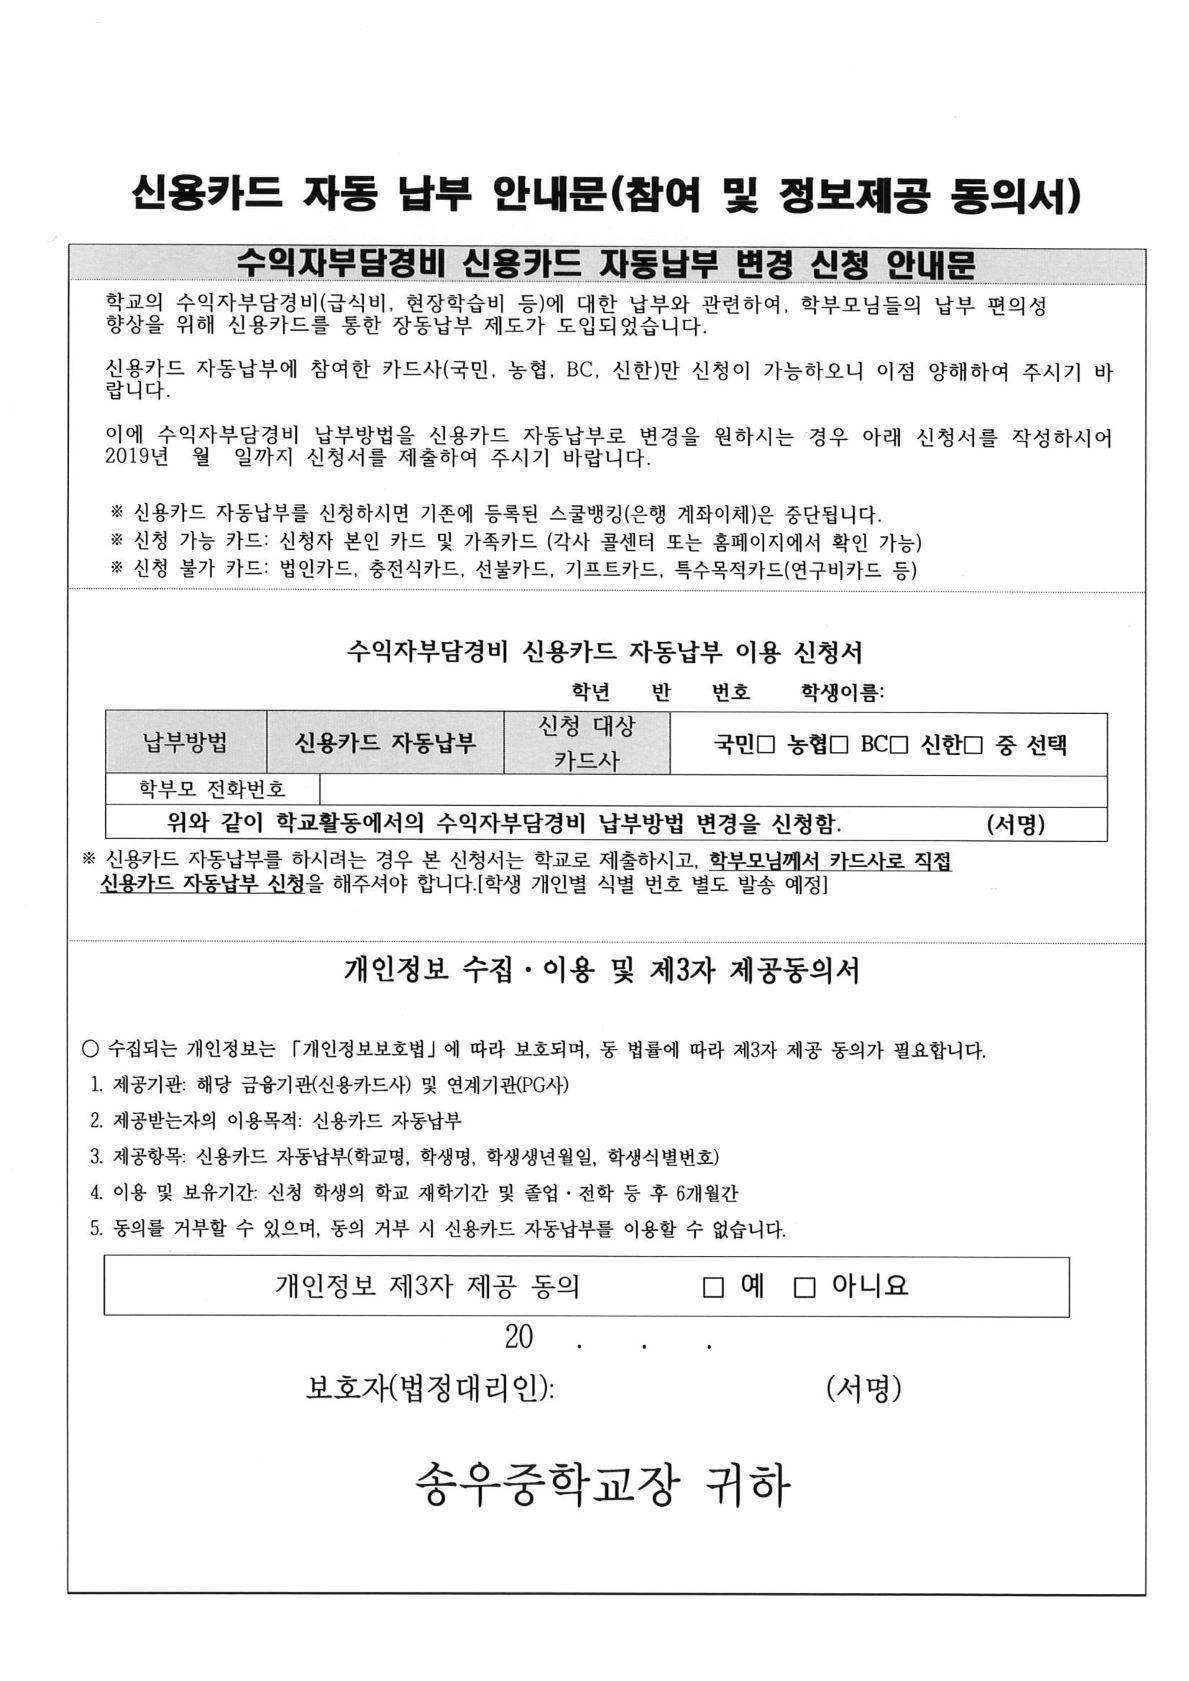 [일반] 스쿨뱅킹 신청서의 첨부이미지 2